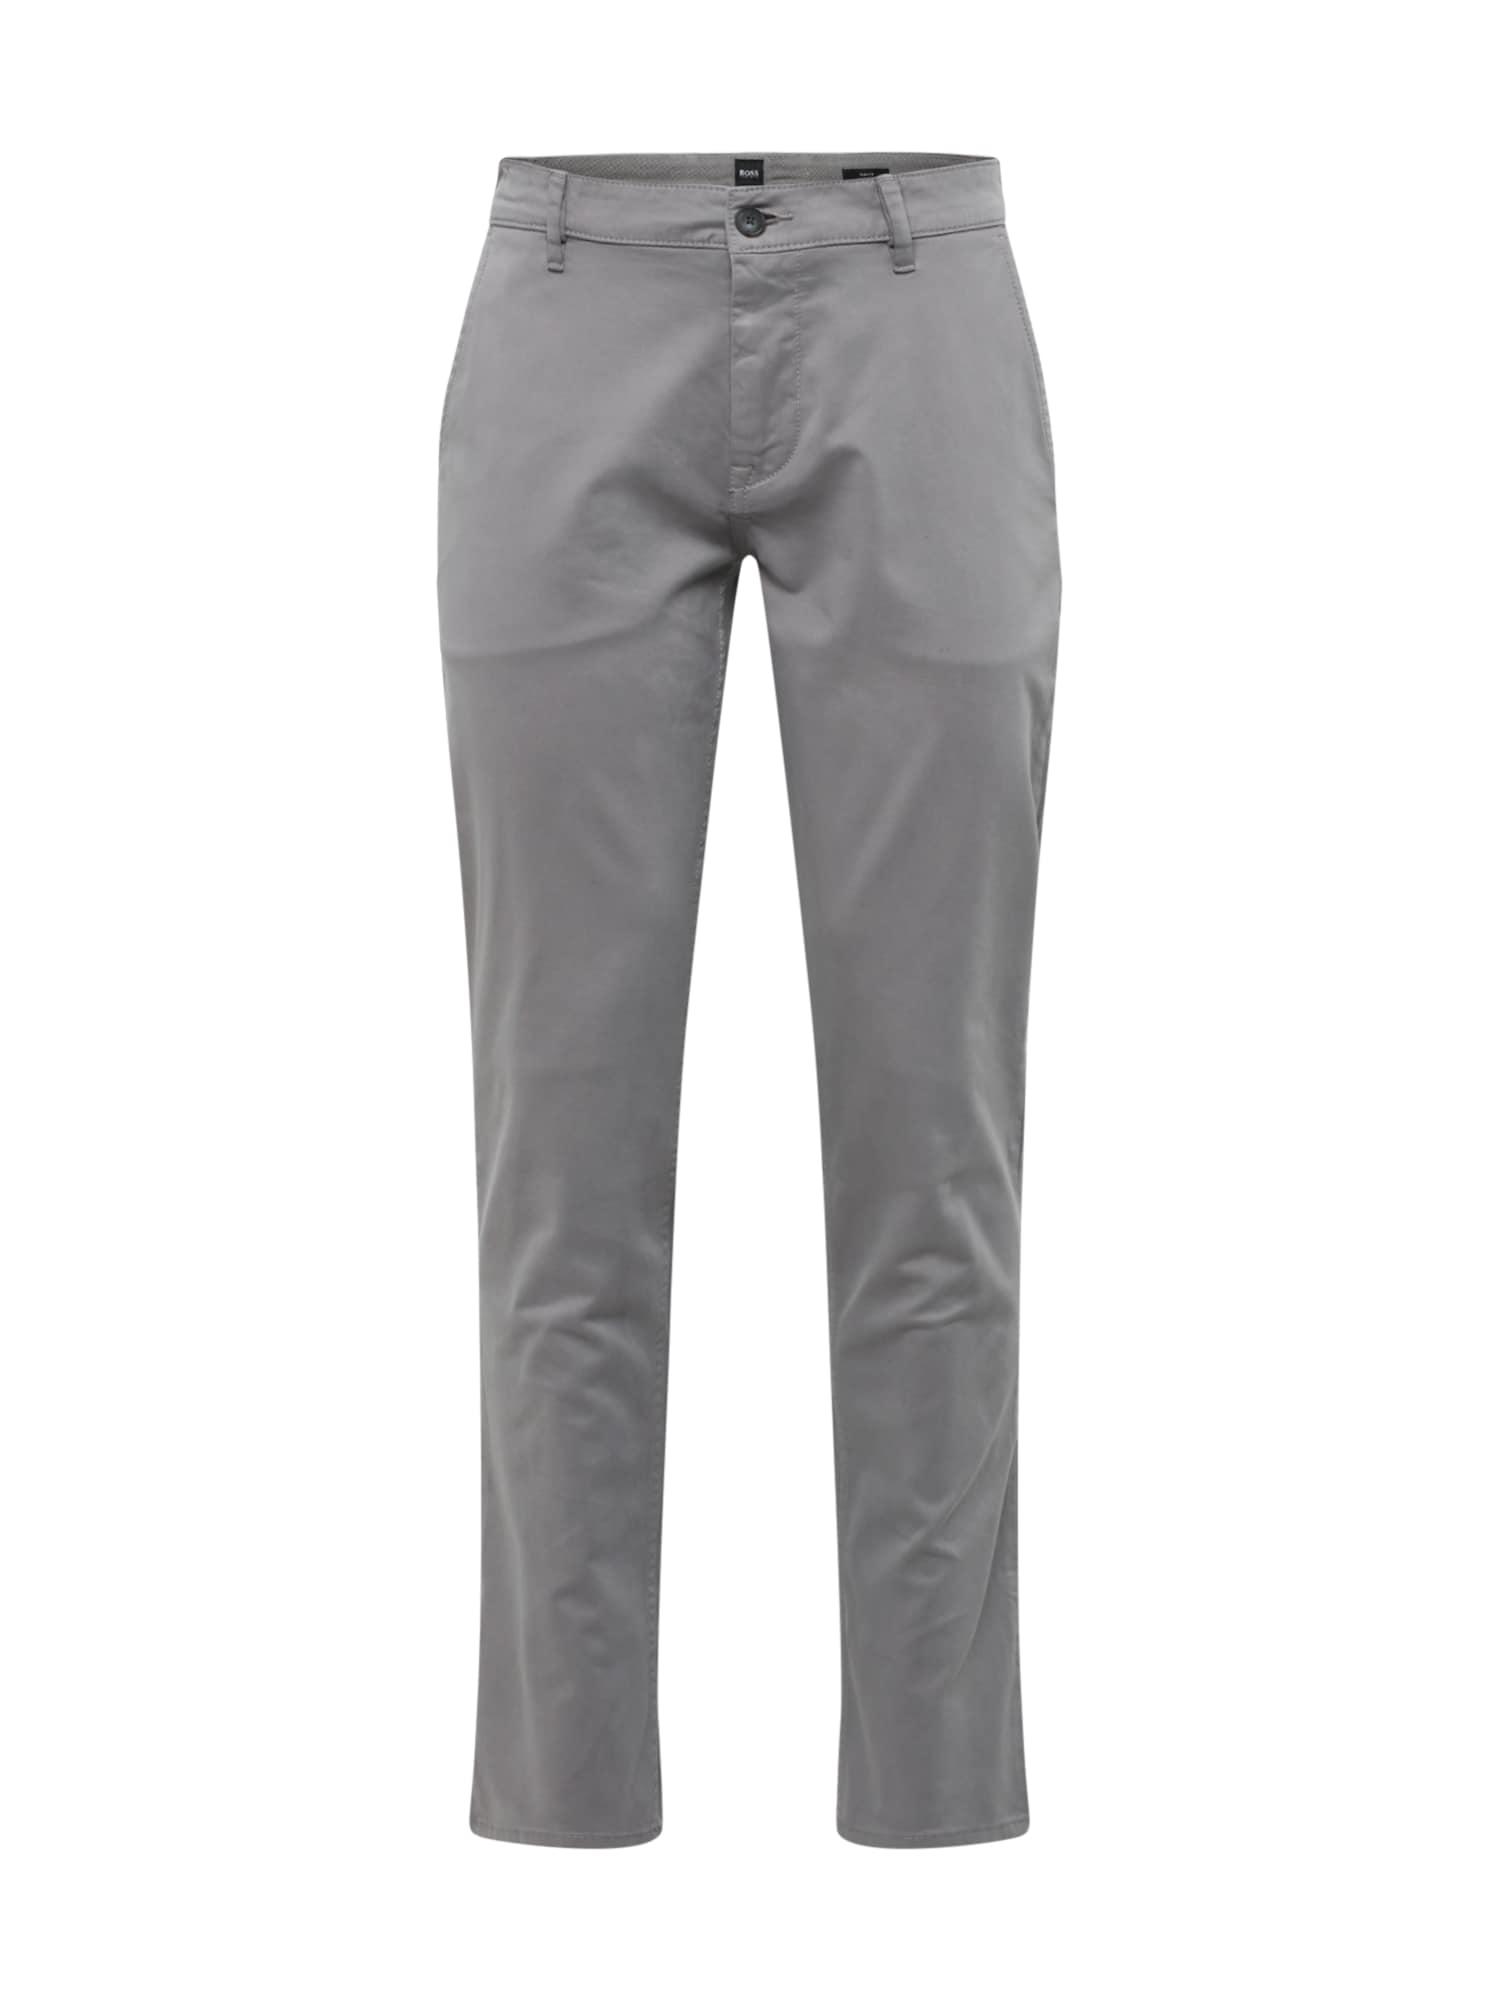 BOSS Chino stiliaus kelnės 'Schino' pilko džinso